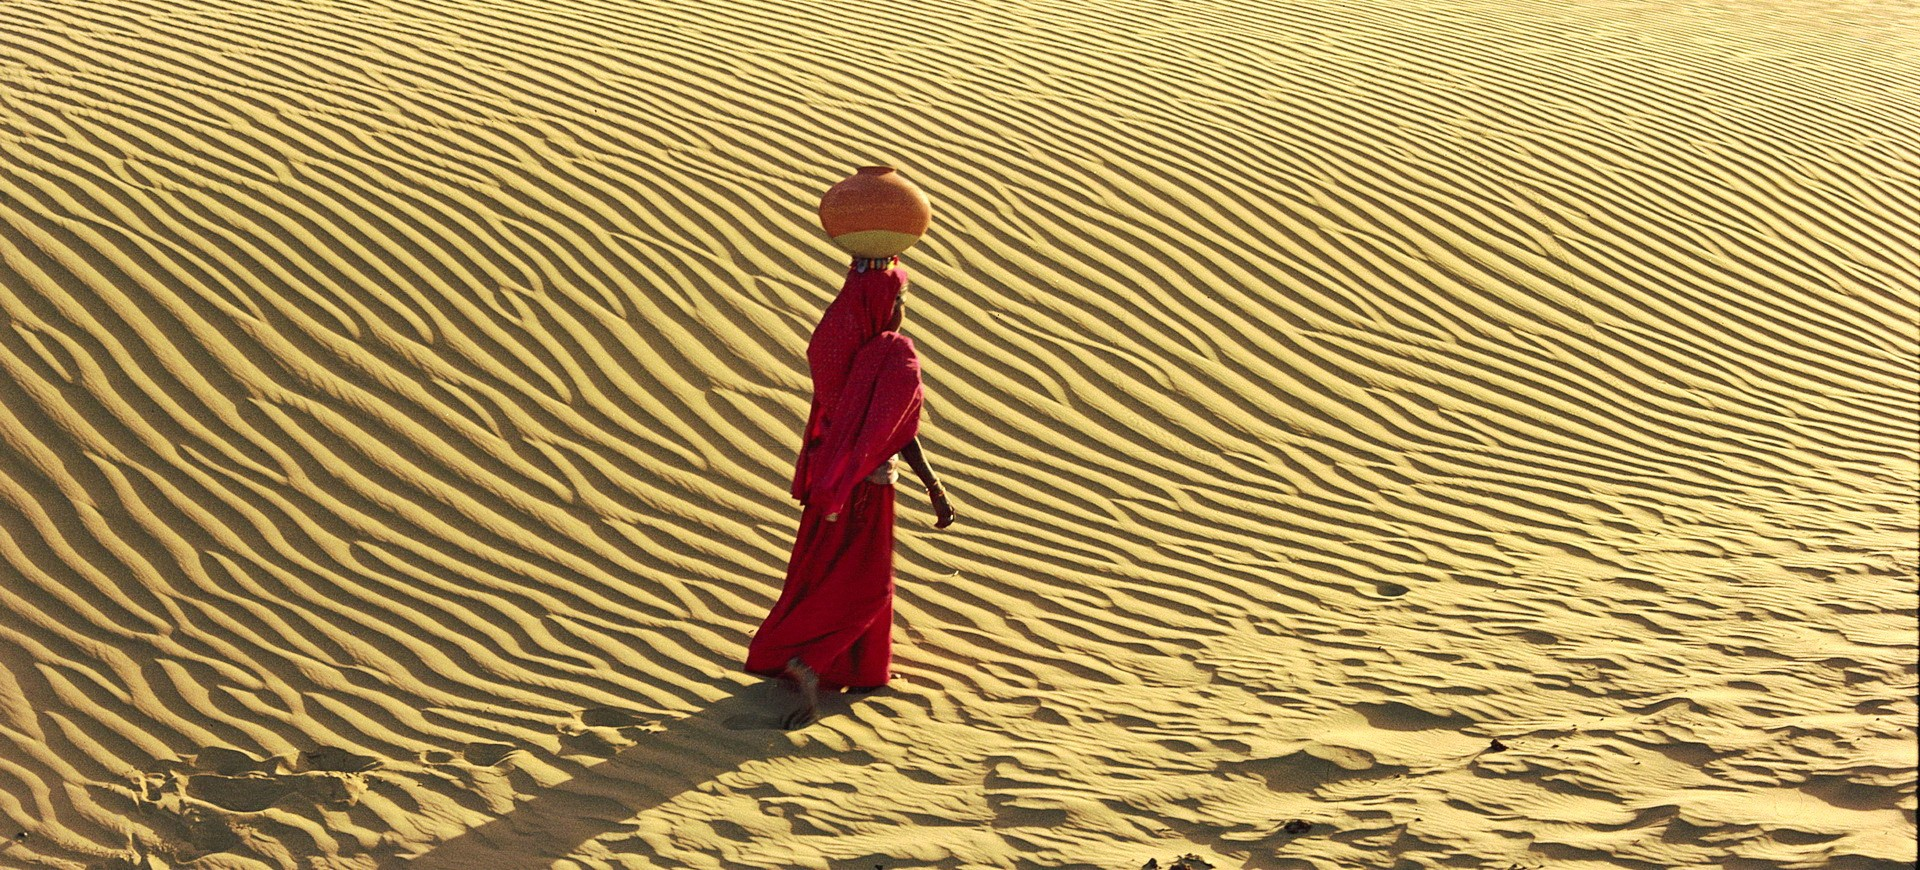 Le désert de Thar à Jaisalmer au Rajasthan